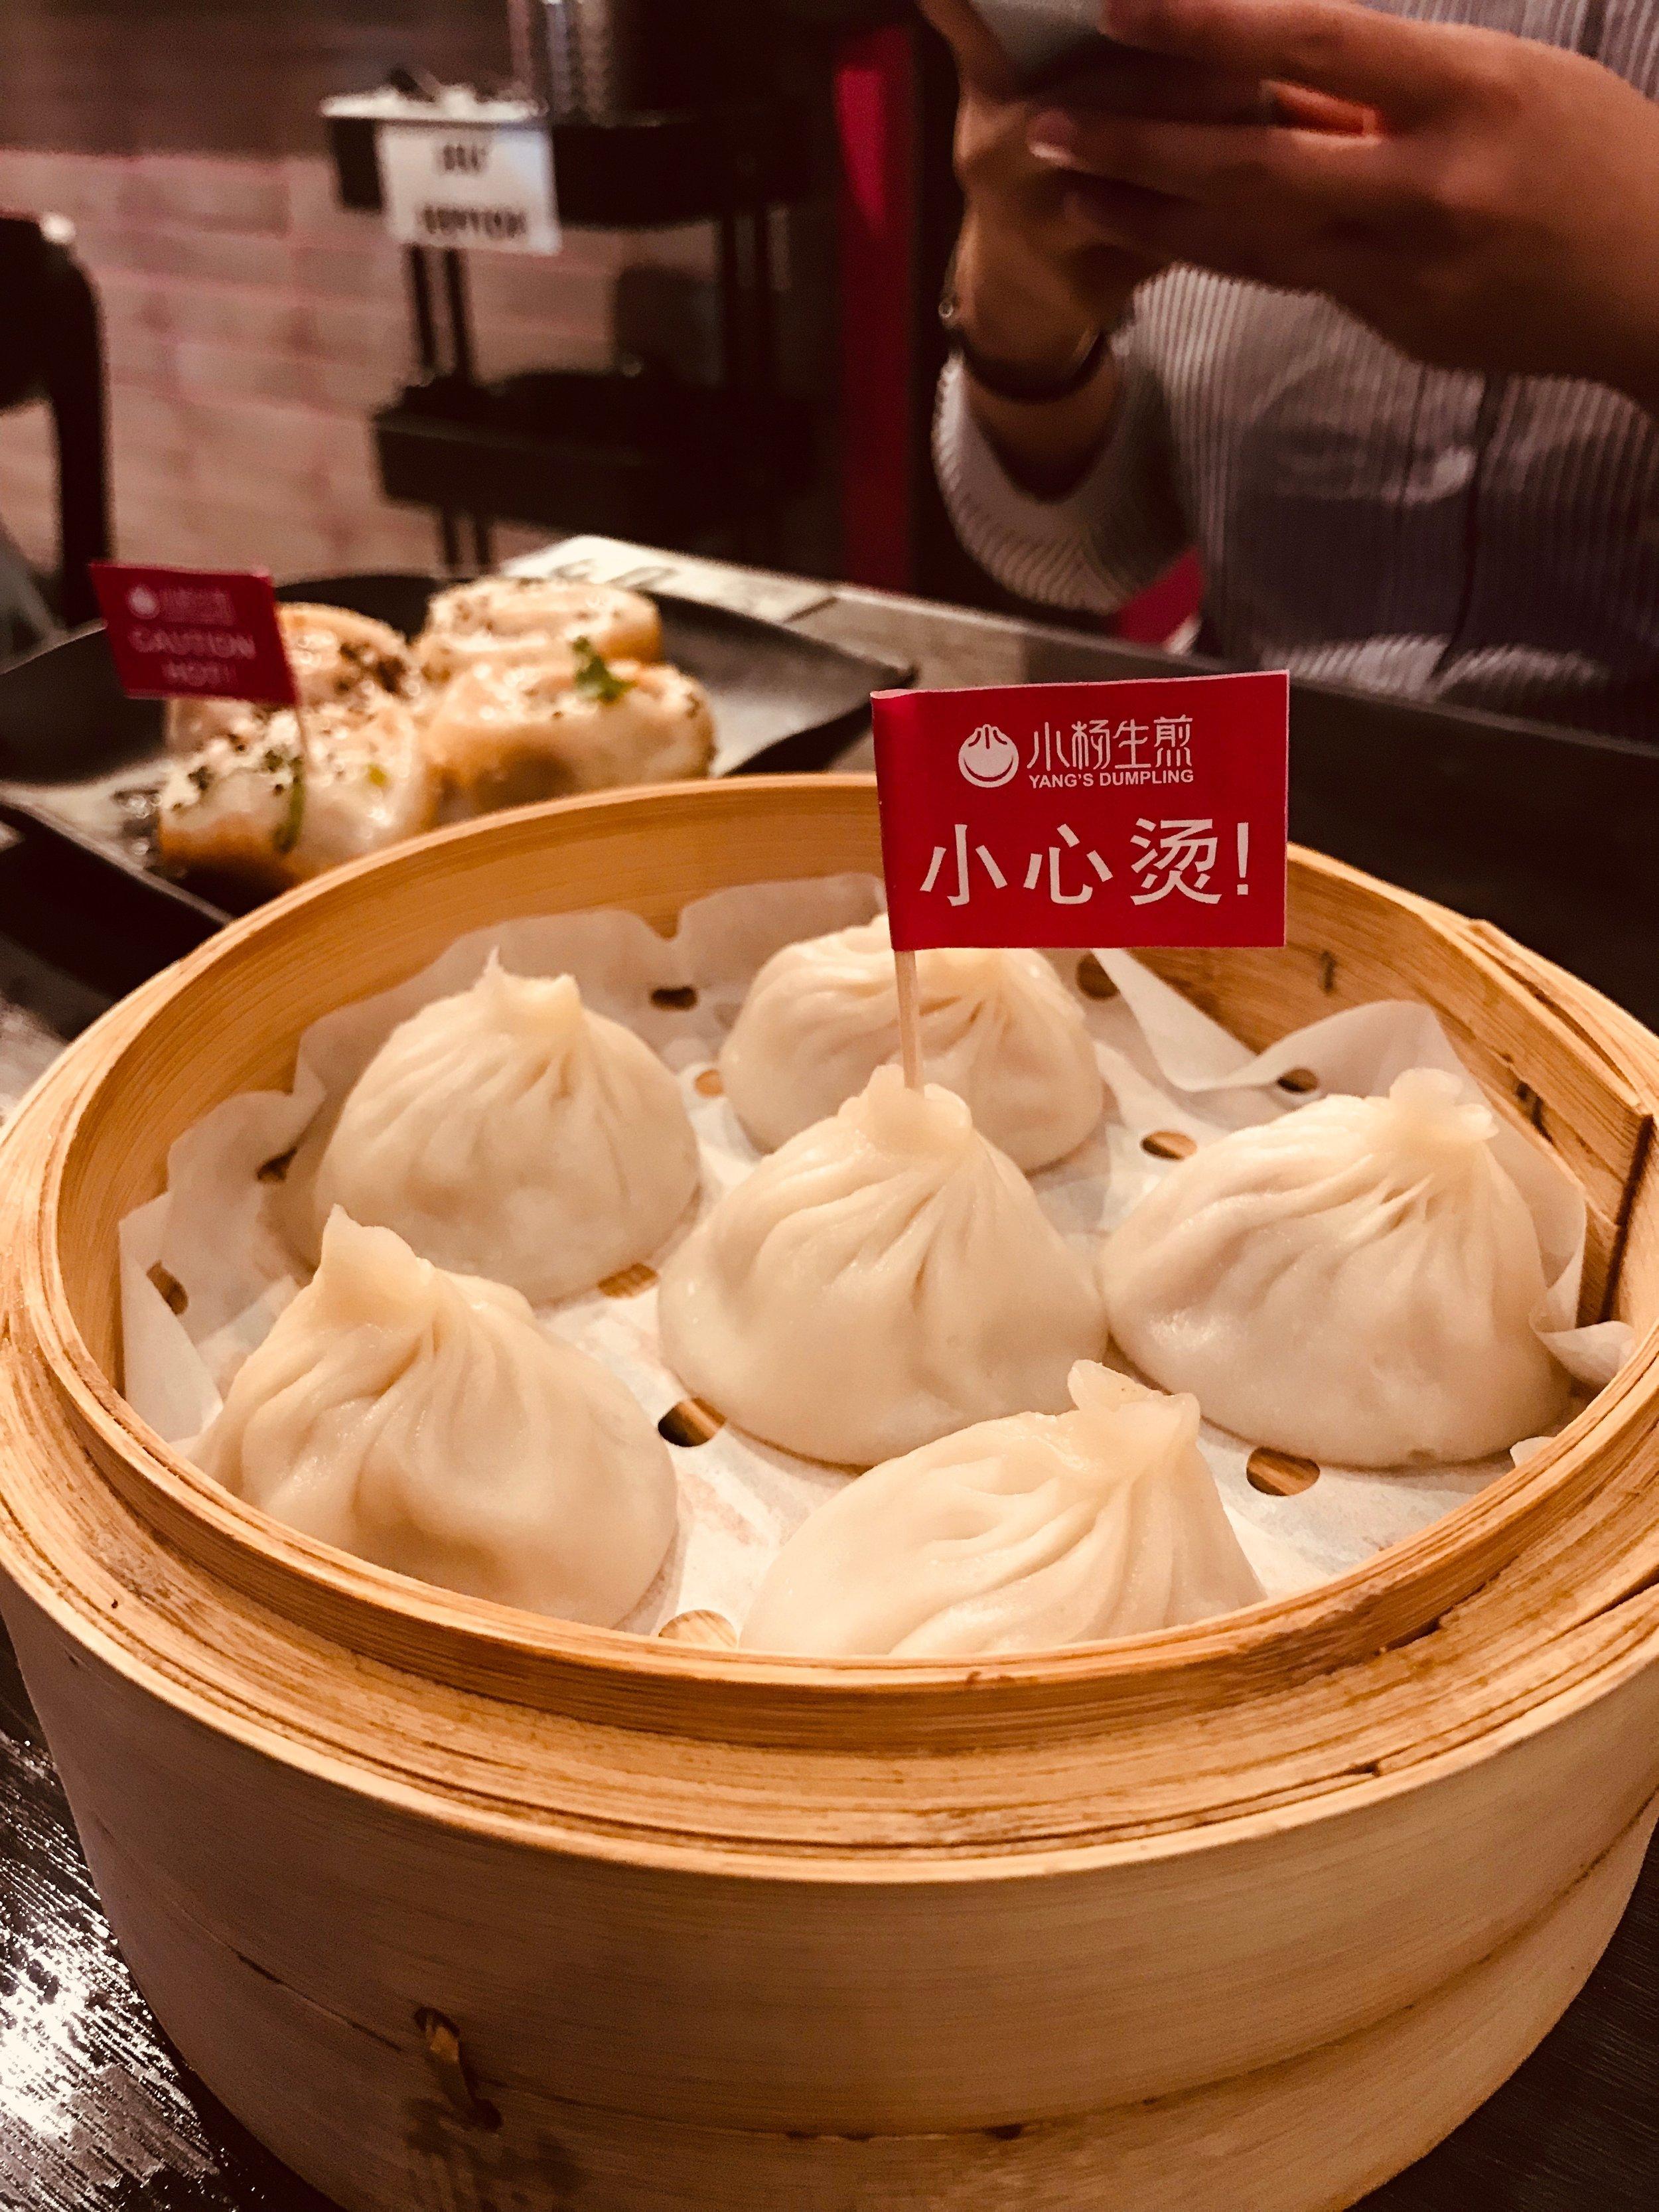 Yang's Xiao Long Bao